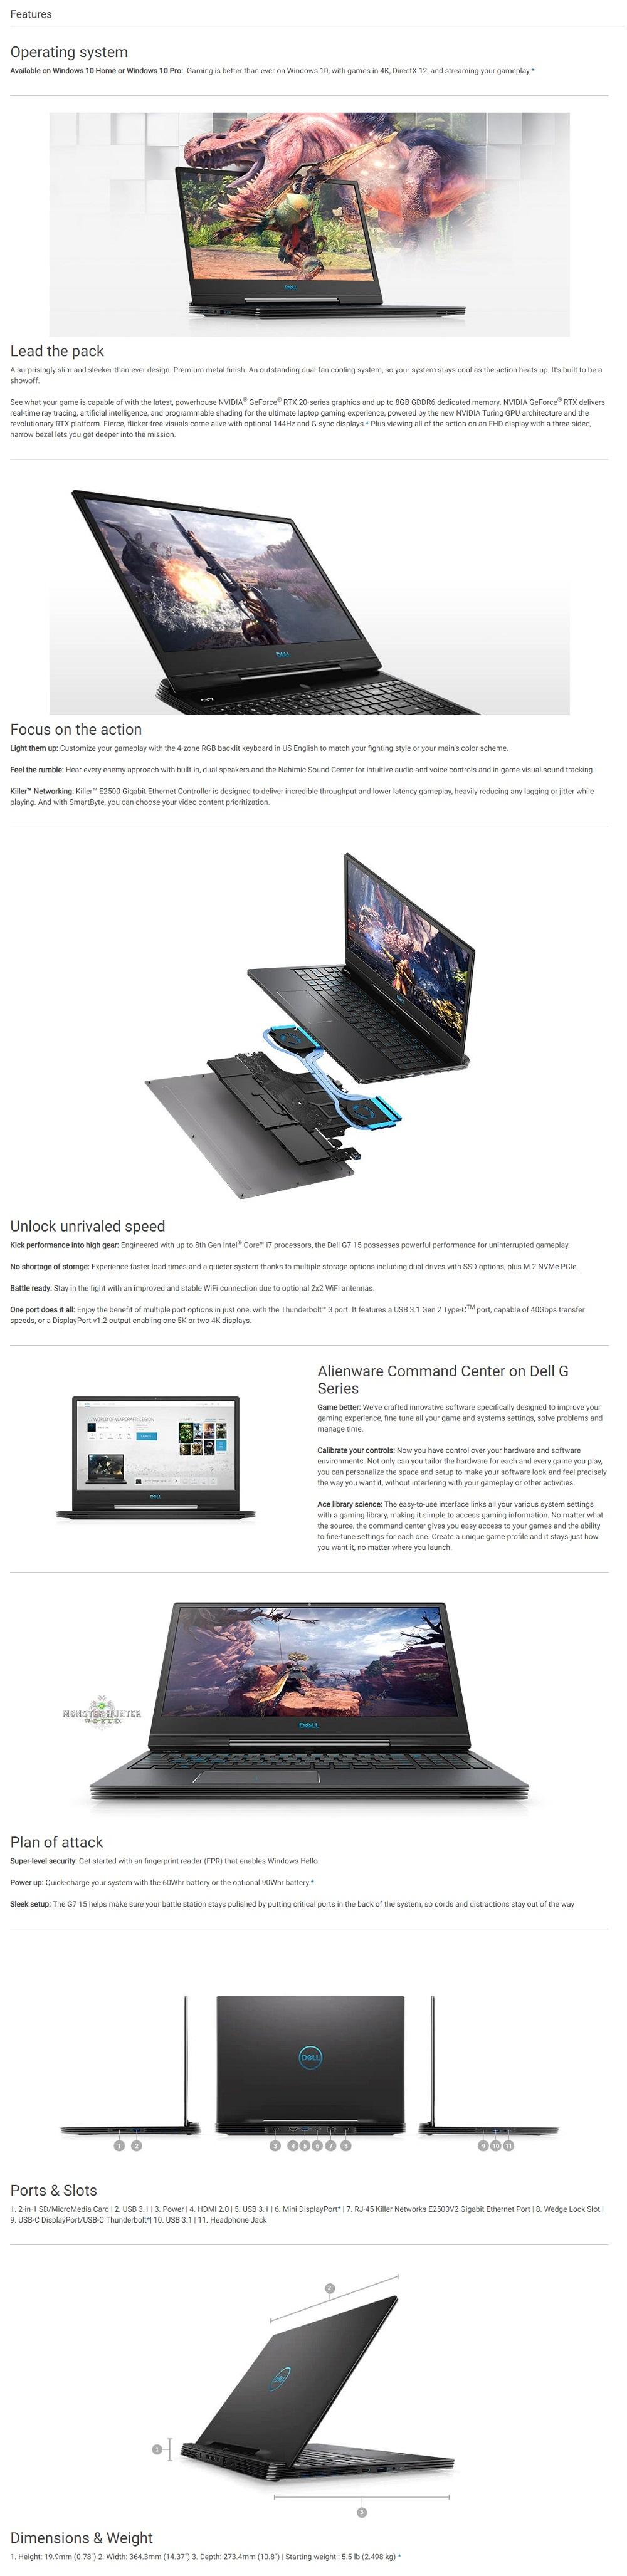 DELL CON G7-87116GFHD-W10-2060-SSD GREY